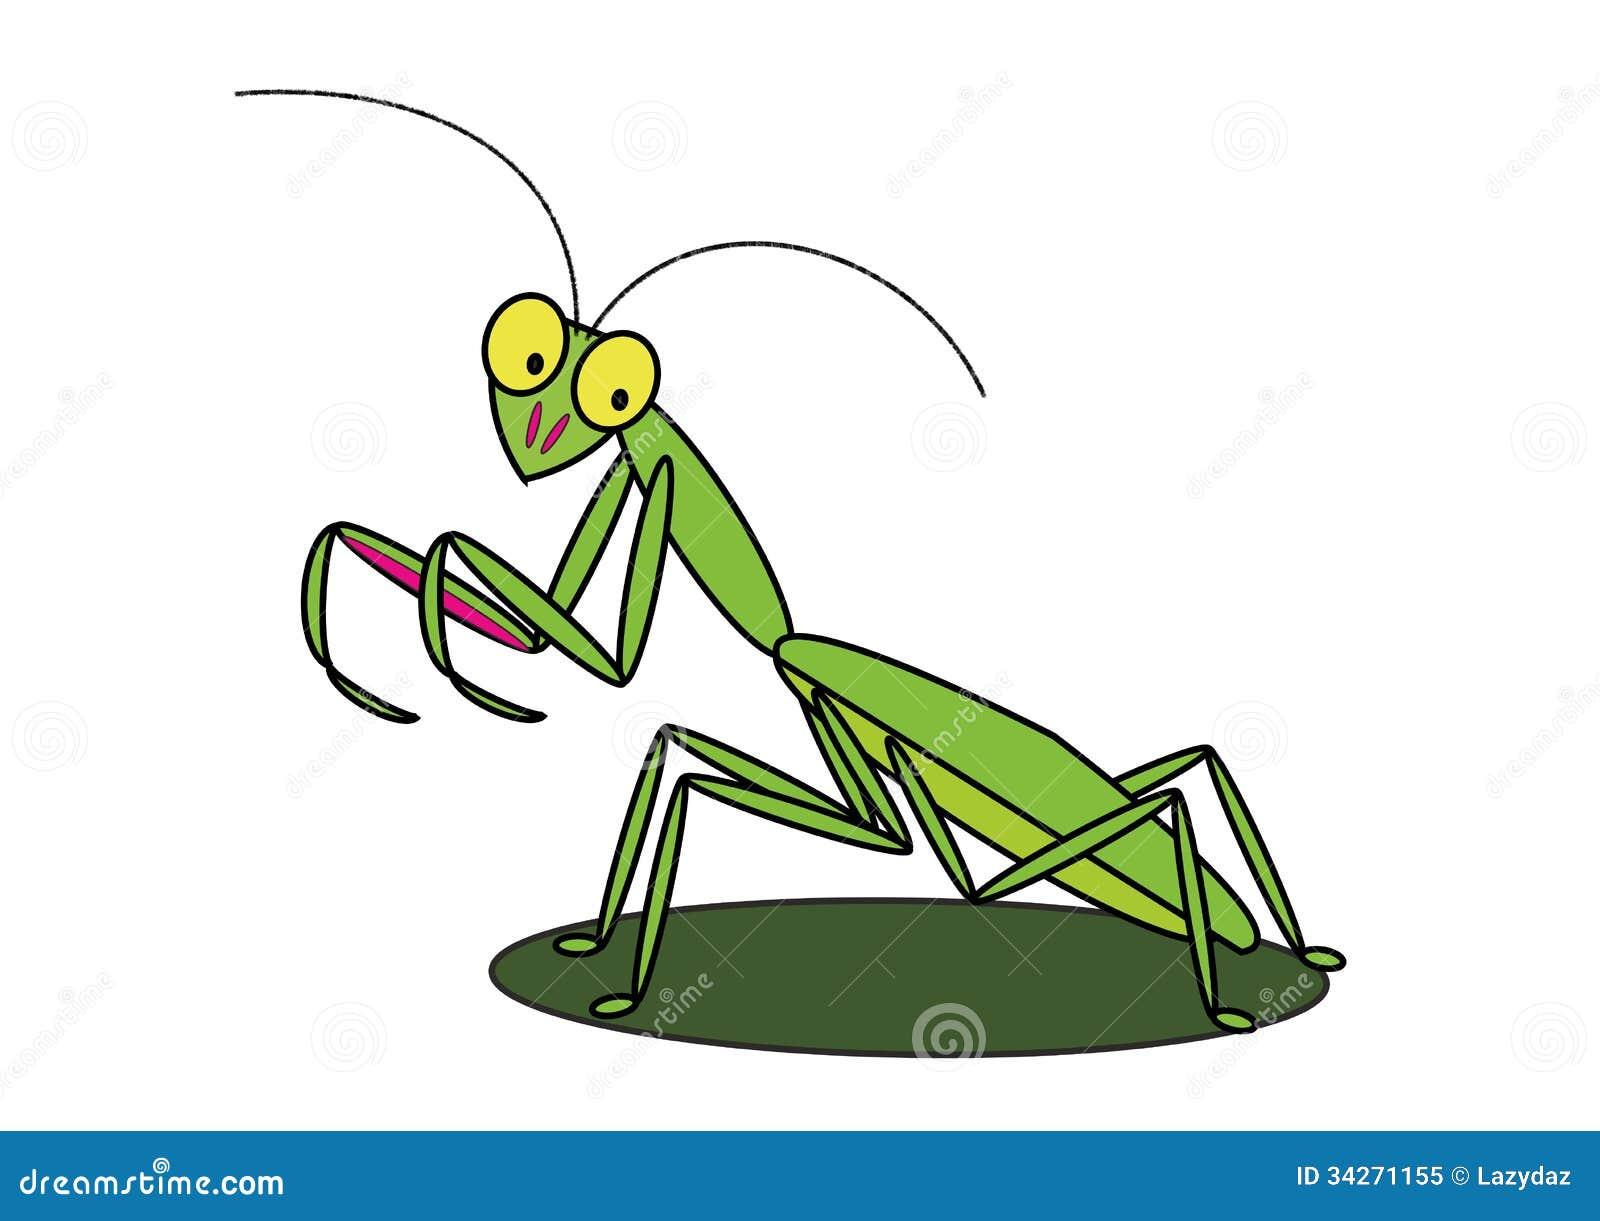 Praying Mantis Illustration